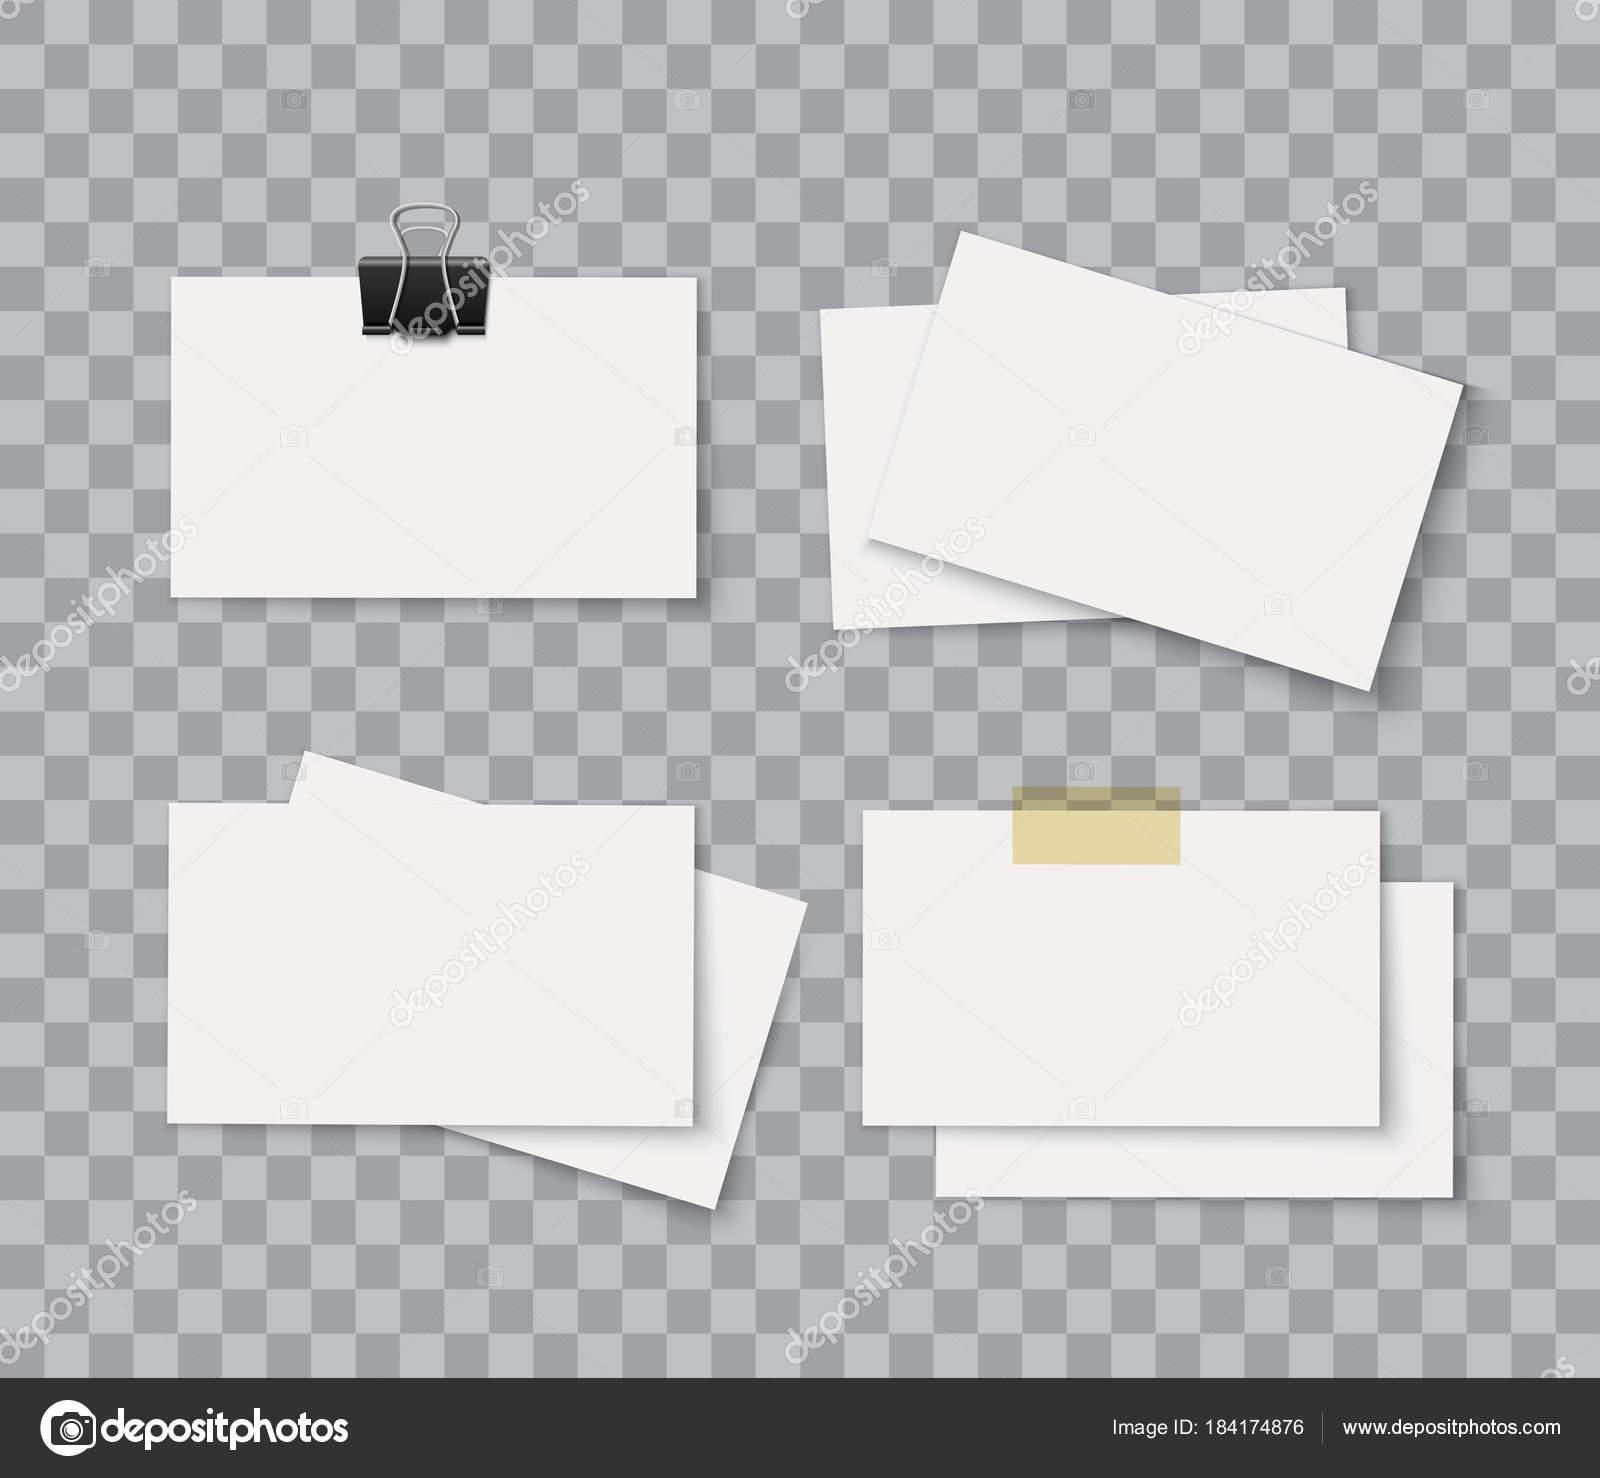 Pile De Carte Visite Vierge Identite Corporative Paquet Isole Sur Fond Transparent Modele Vectoriel Realiste Pour Le Design Presentation Vecteur